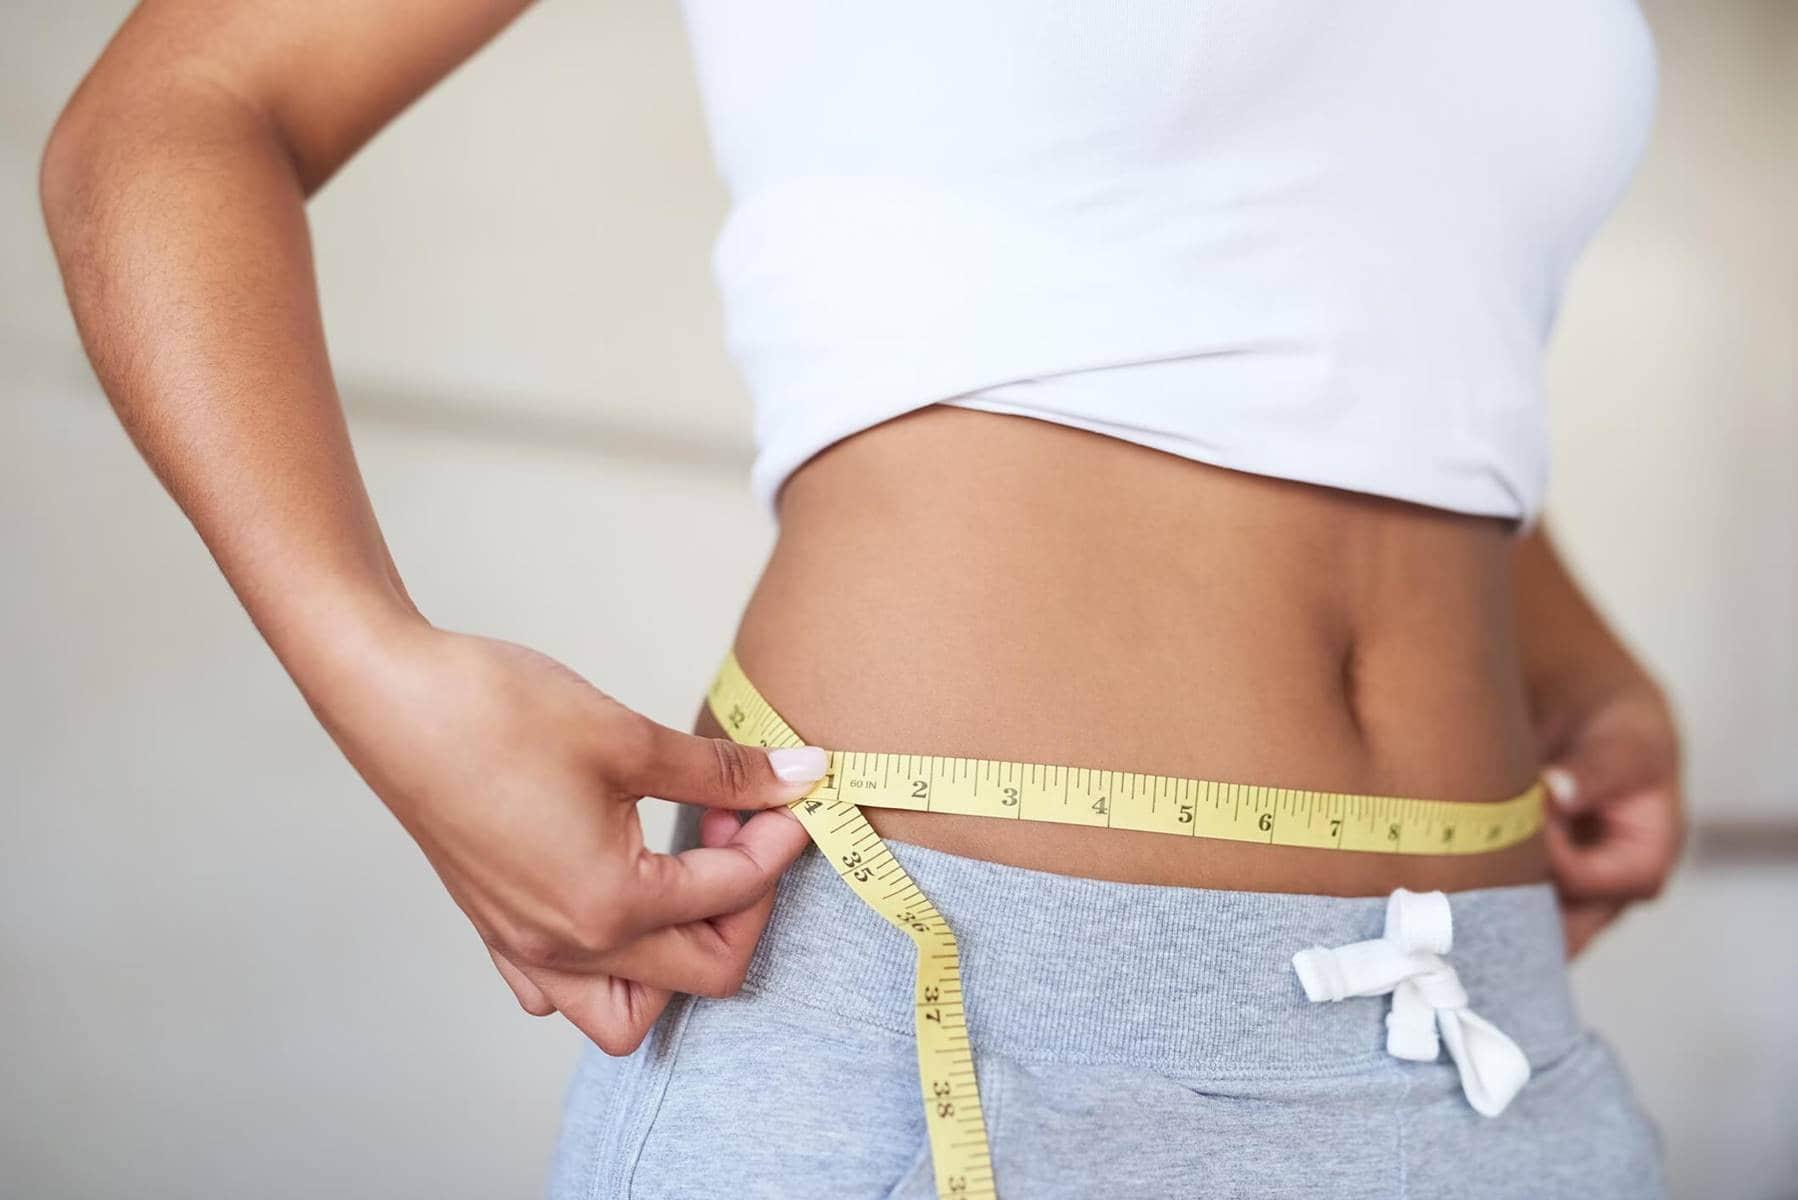 Zero gorduras: Emagreça rapidamente com essa receita natural e eficaz